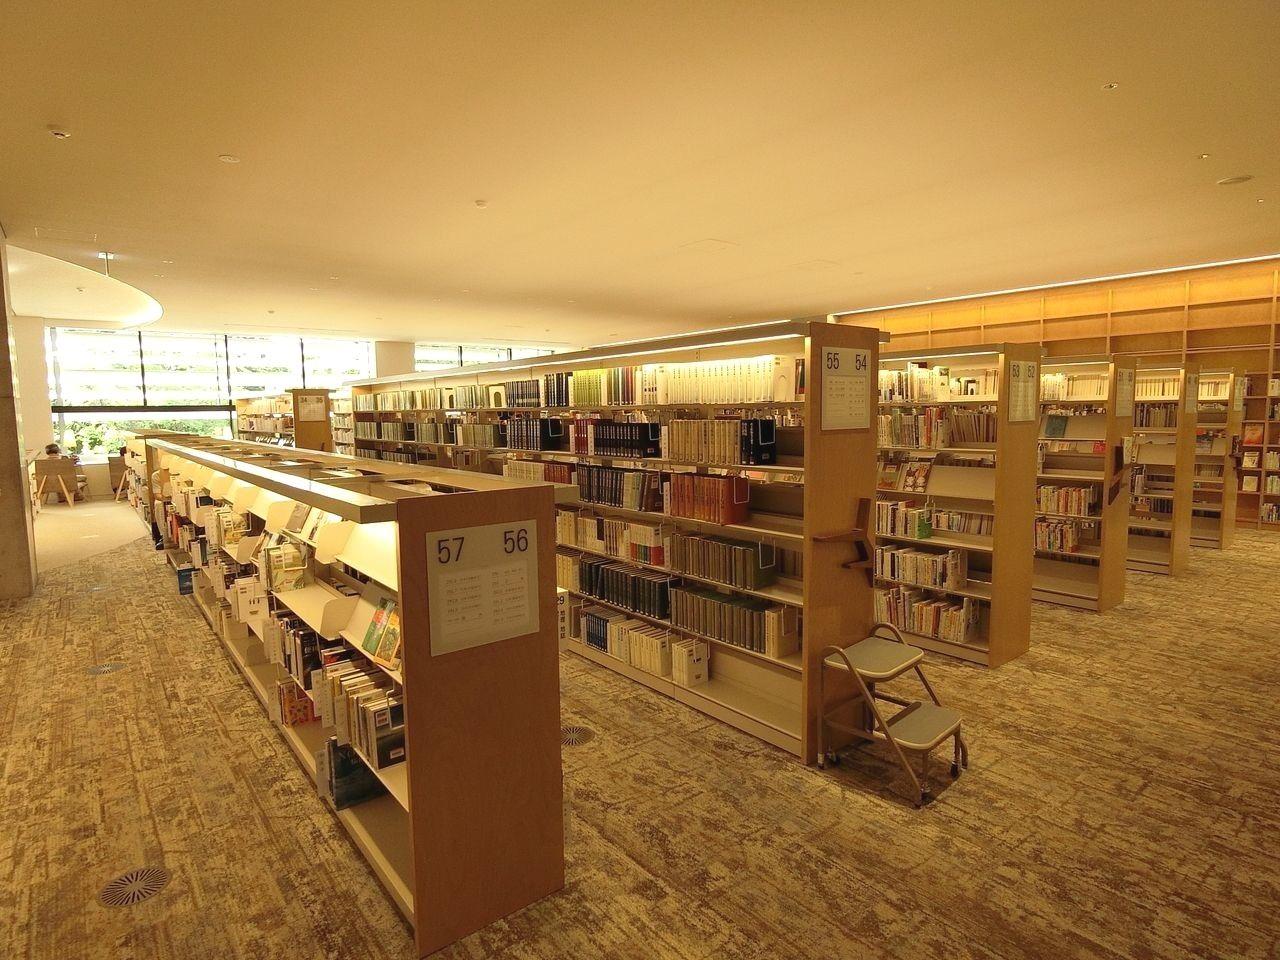 板橋区立中央図書館の2階フロア